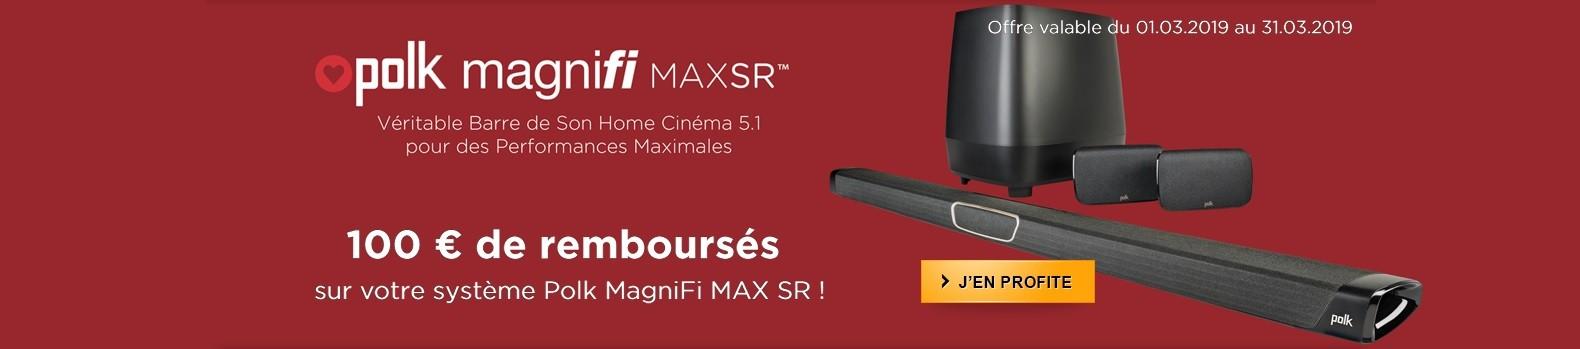 100 euros remboursés pour l'achat d'une barre de son Polk Magnifi SR Max